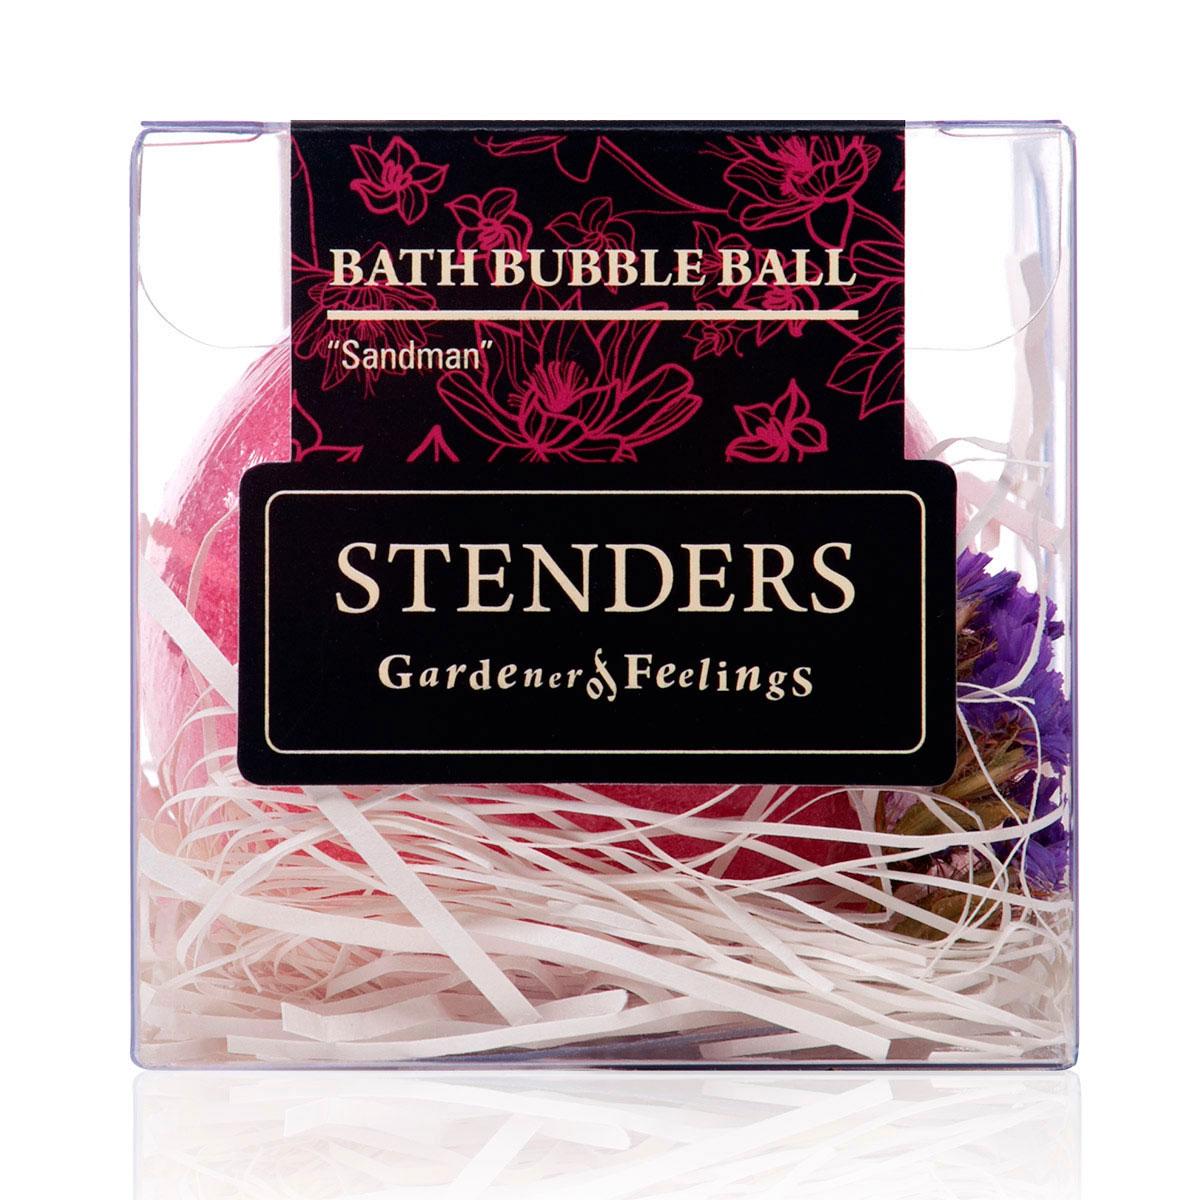 Stenders Бурлящий шар Лавандовый, 125 гSISBB04Ваши любимые бурлящие шары, упакованные в красивую коробку - готовы удивлять и радовать. Этот изготовленный умелыми руками бурлящий шар для ванны наполнит ванную комнату успокаивающим ароматом, заботясь о вашем отдыхе. Пока вы будете наслаждаться мгновениями расслабления, о вашей коже позаботится масло виноградных косточек и морская соль, а эфирное масло лаванды упокоит ваши мысли и чувства, позволяя вам предаться сладким мечтам и сну.Эфирное масло лаванды получают путем дистилляции цветущих макушек растения. Для этого любимого всеми масла характерен воздушный цветочно-травяной аромат, который способен как тонизировать, так и успокаивать, даря спокойствие. Это масло вы можете использовать и для улучшения сна. Масло виноградных косточек особенно хорошо тем, что содержит ненасыщенные жирные кислоты в большой концентрации. Оно придаст жизненную силу вашей коже, тщательно увлажняя и смягчая ее. Кристаллы соли моря богаты ионами кальция, калия и натрия. Эти вещества очистят вашу кожу и укрепят ногти. Релаксирующая ванна с солью помогает регулировать уровень влаги в клетках, устраняя припухлость и снимая усталость.